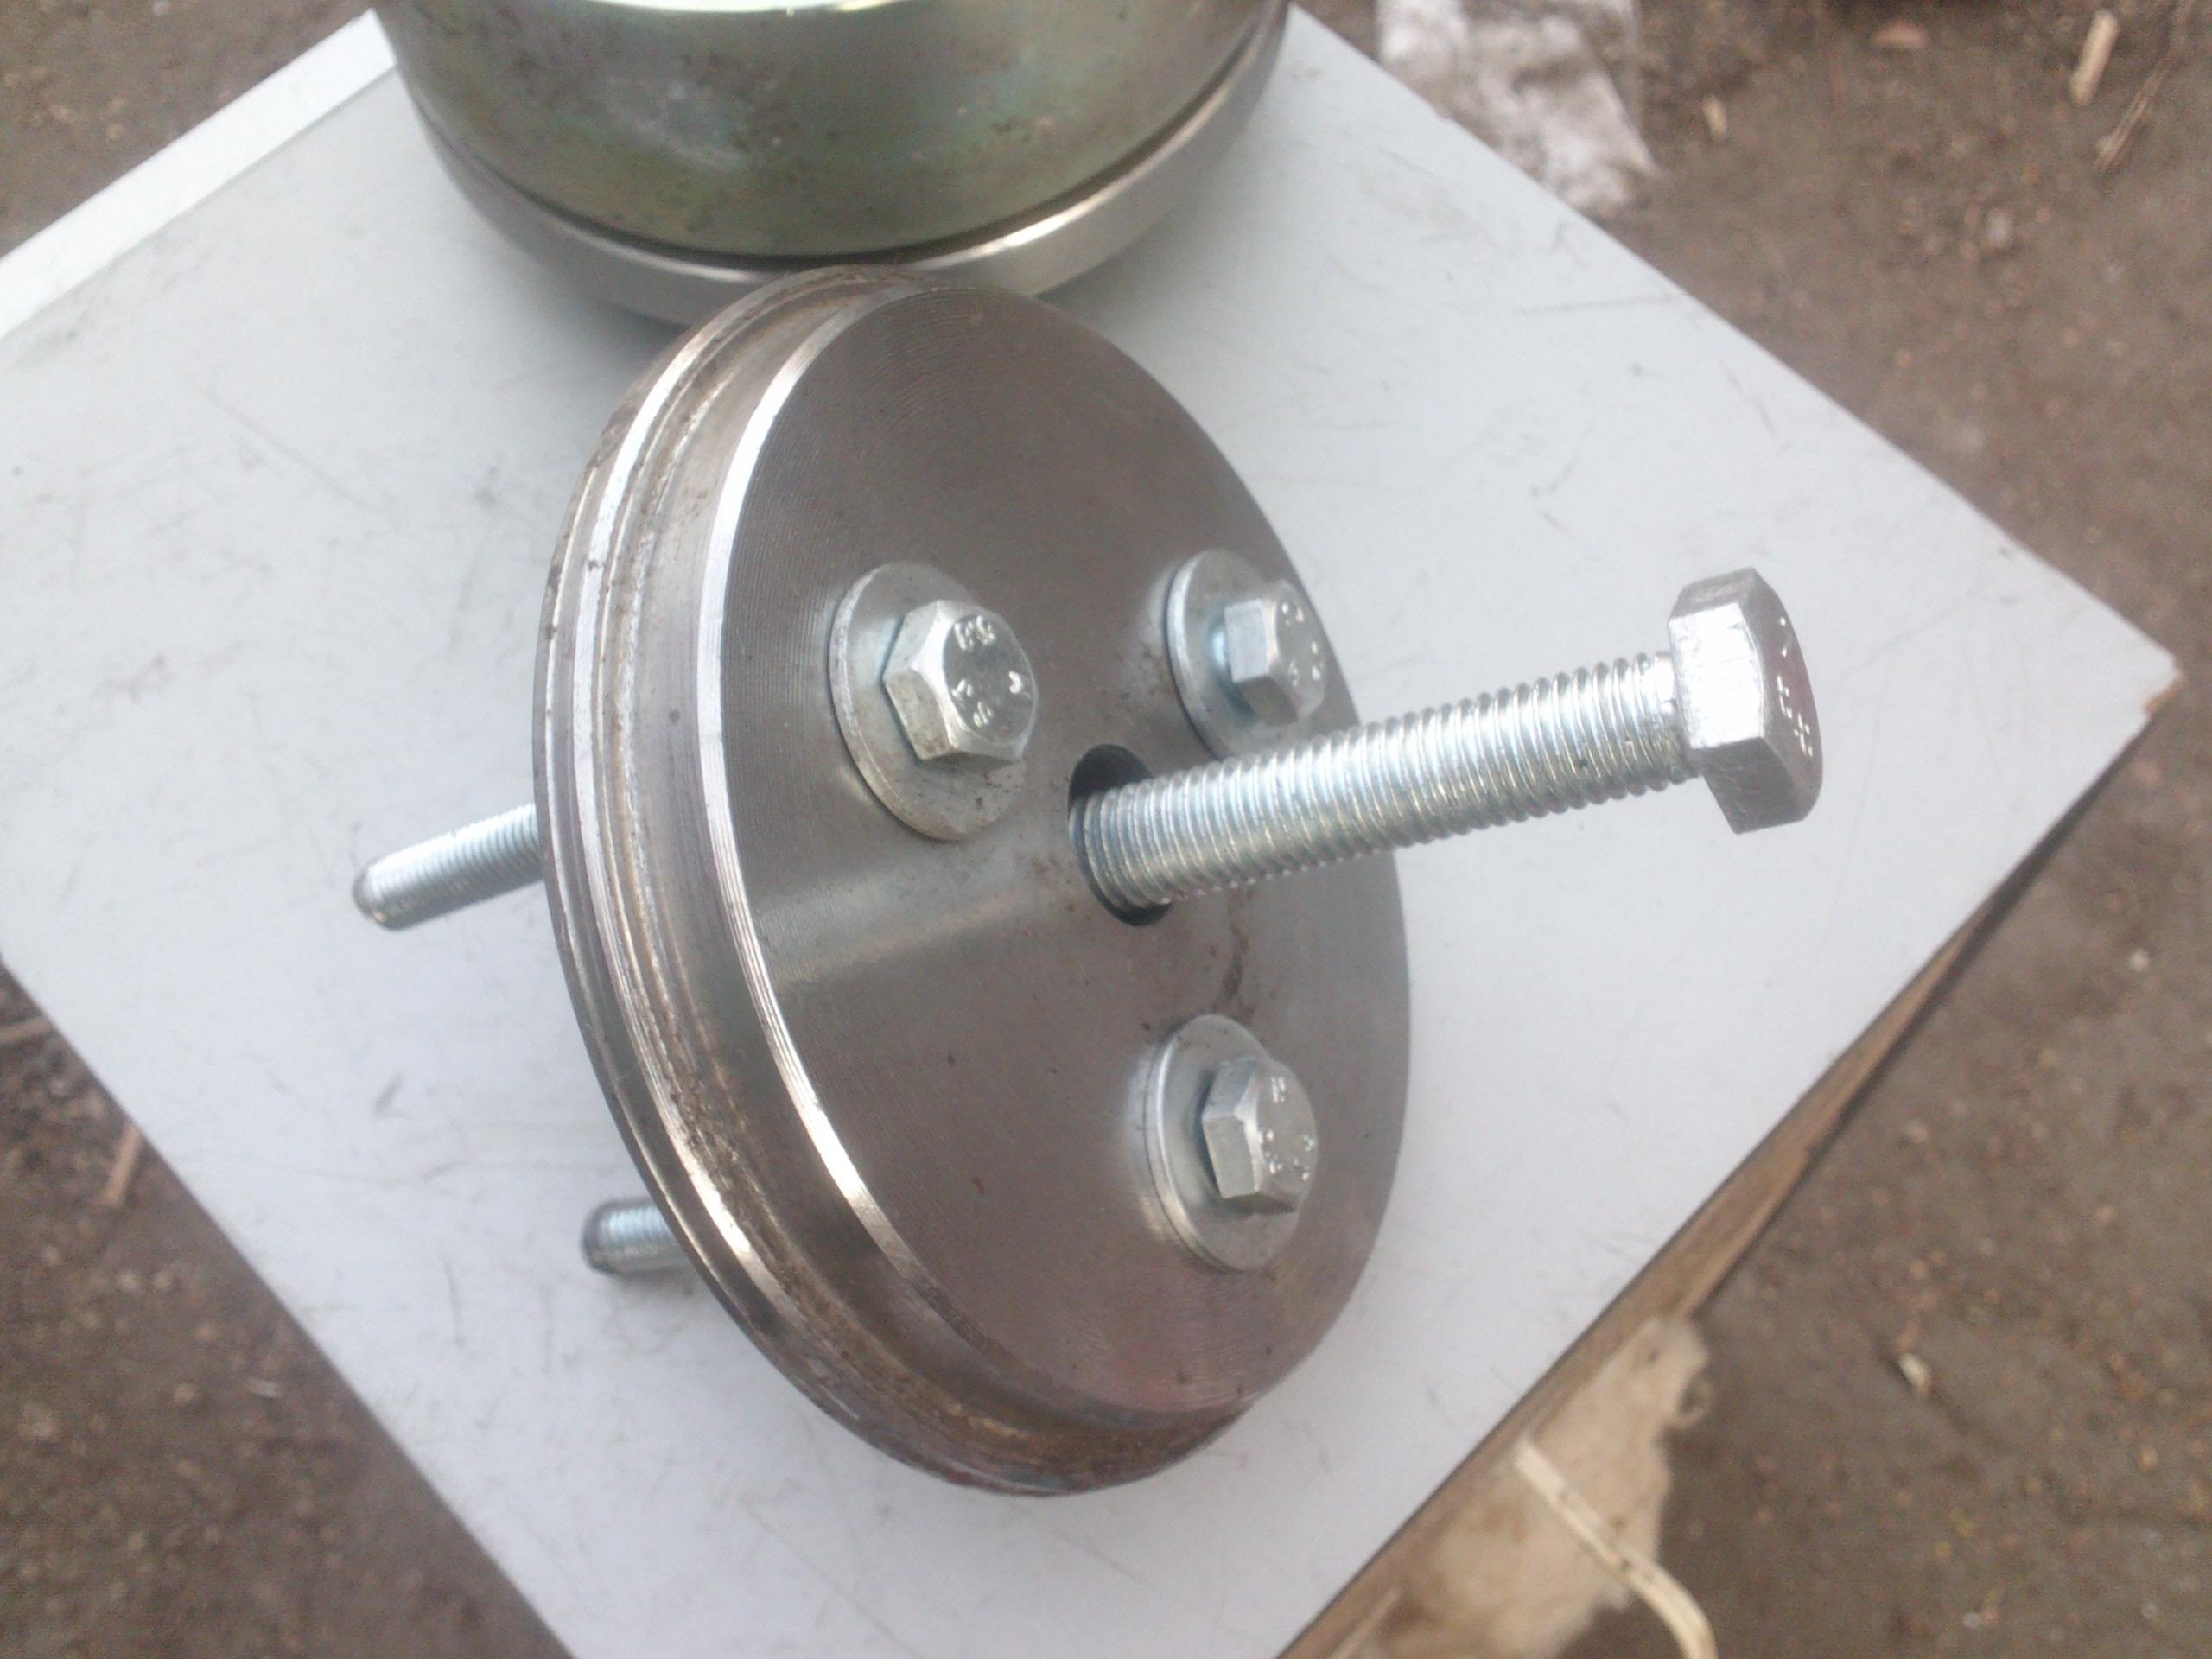 Ремонт рабочего тормозного цилиндра или как чуть не заклинило колесо 39